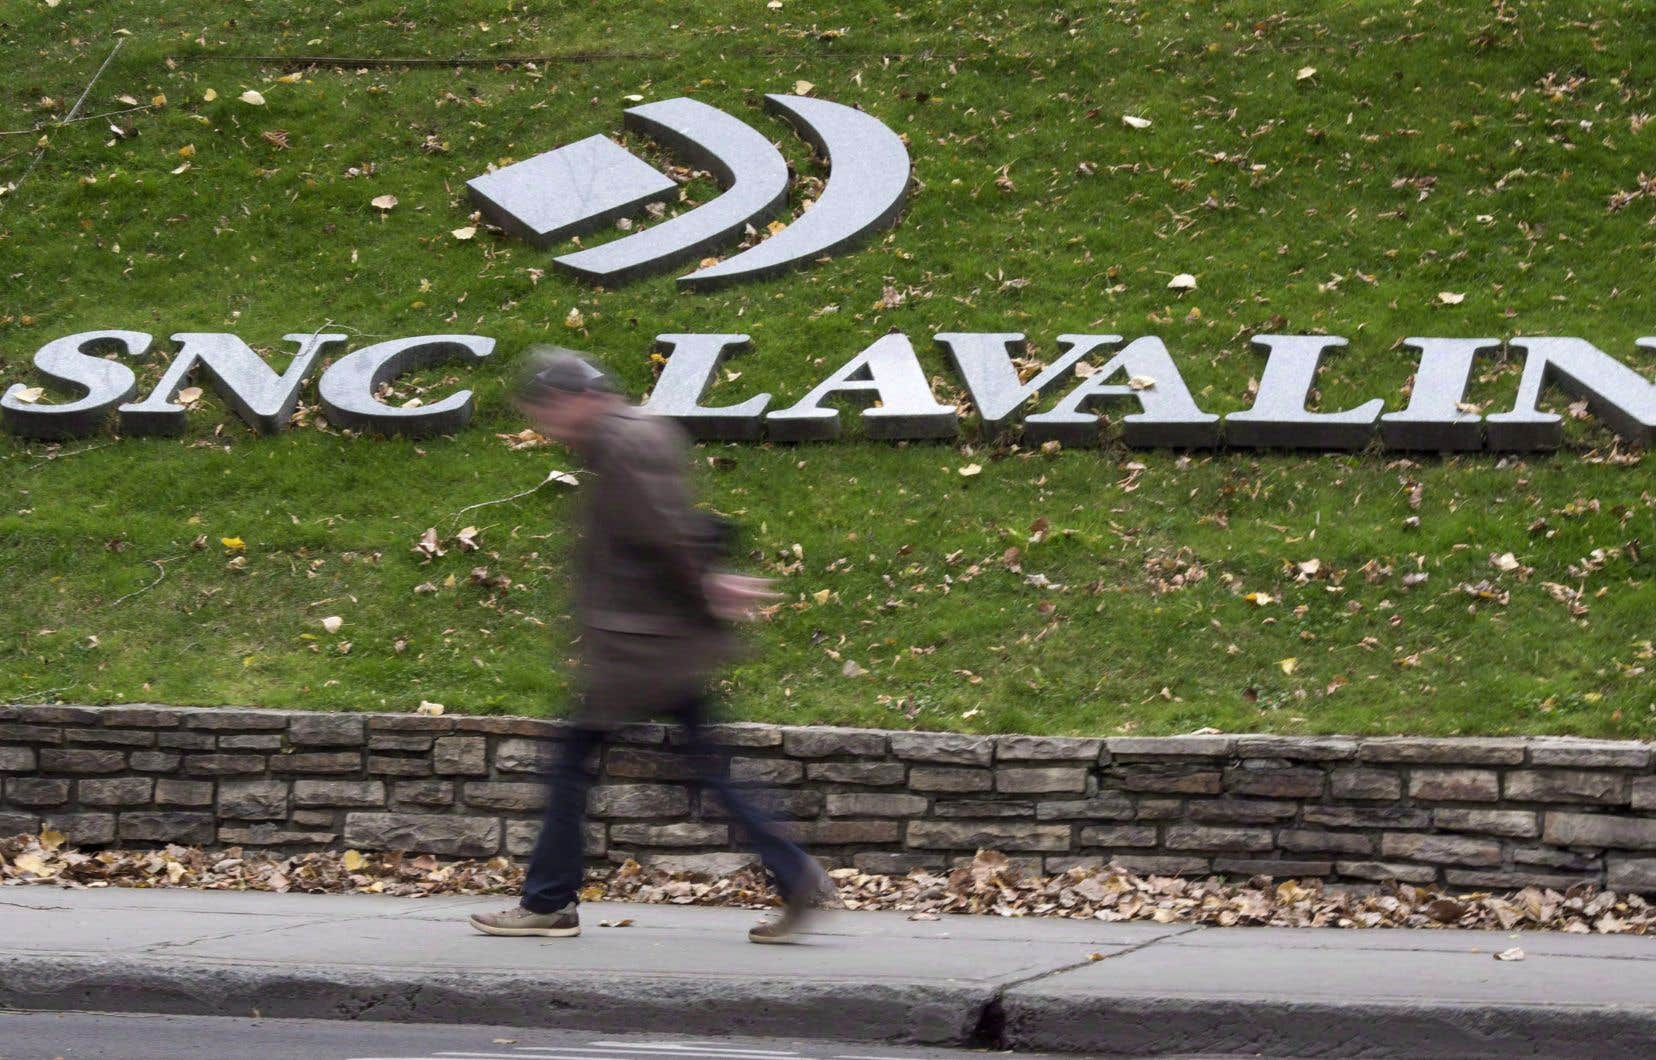 Une entente permettrait d'éviter les coûts associés à une poursuite criminelle, dont le dénouement est incertain, tout en assurant qu'une importante amende serait payée, selon SNC-Lavalin.